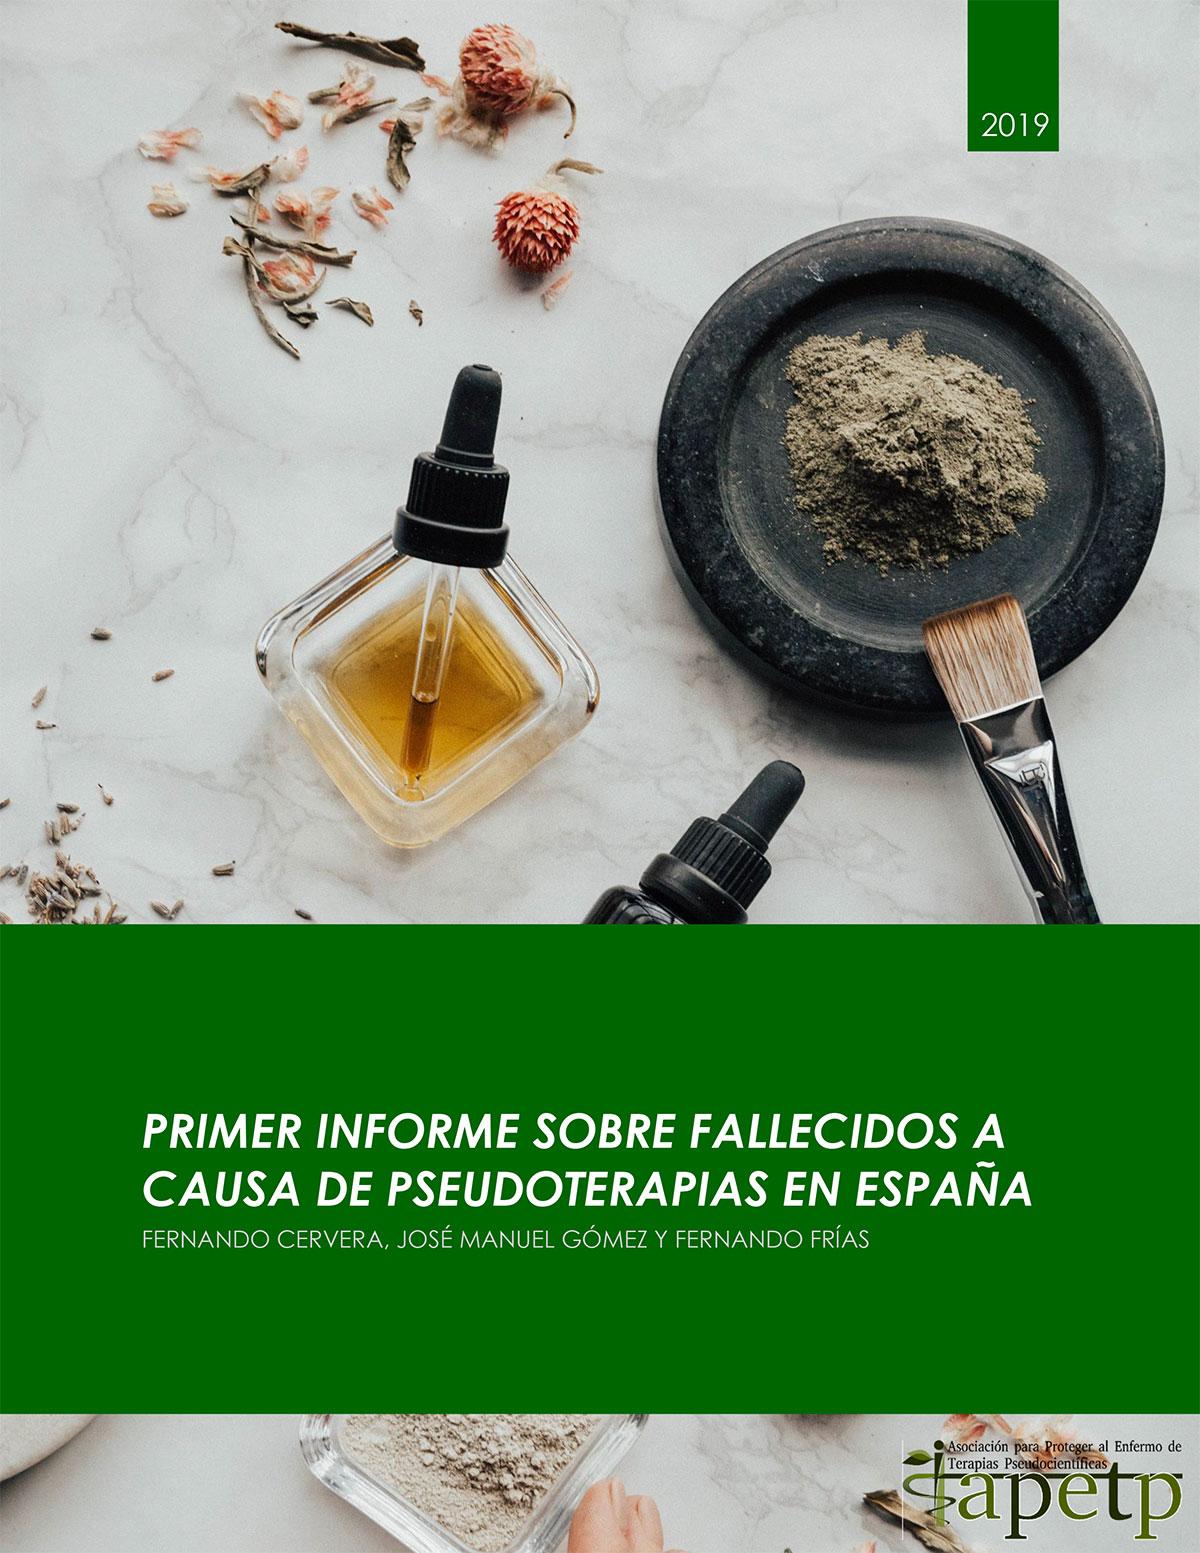 Publicado el primer estudio que intenta cuantificar las muertes anuales causadas por las pseudoterapias en España